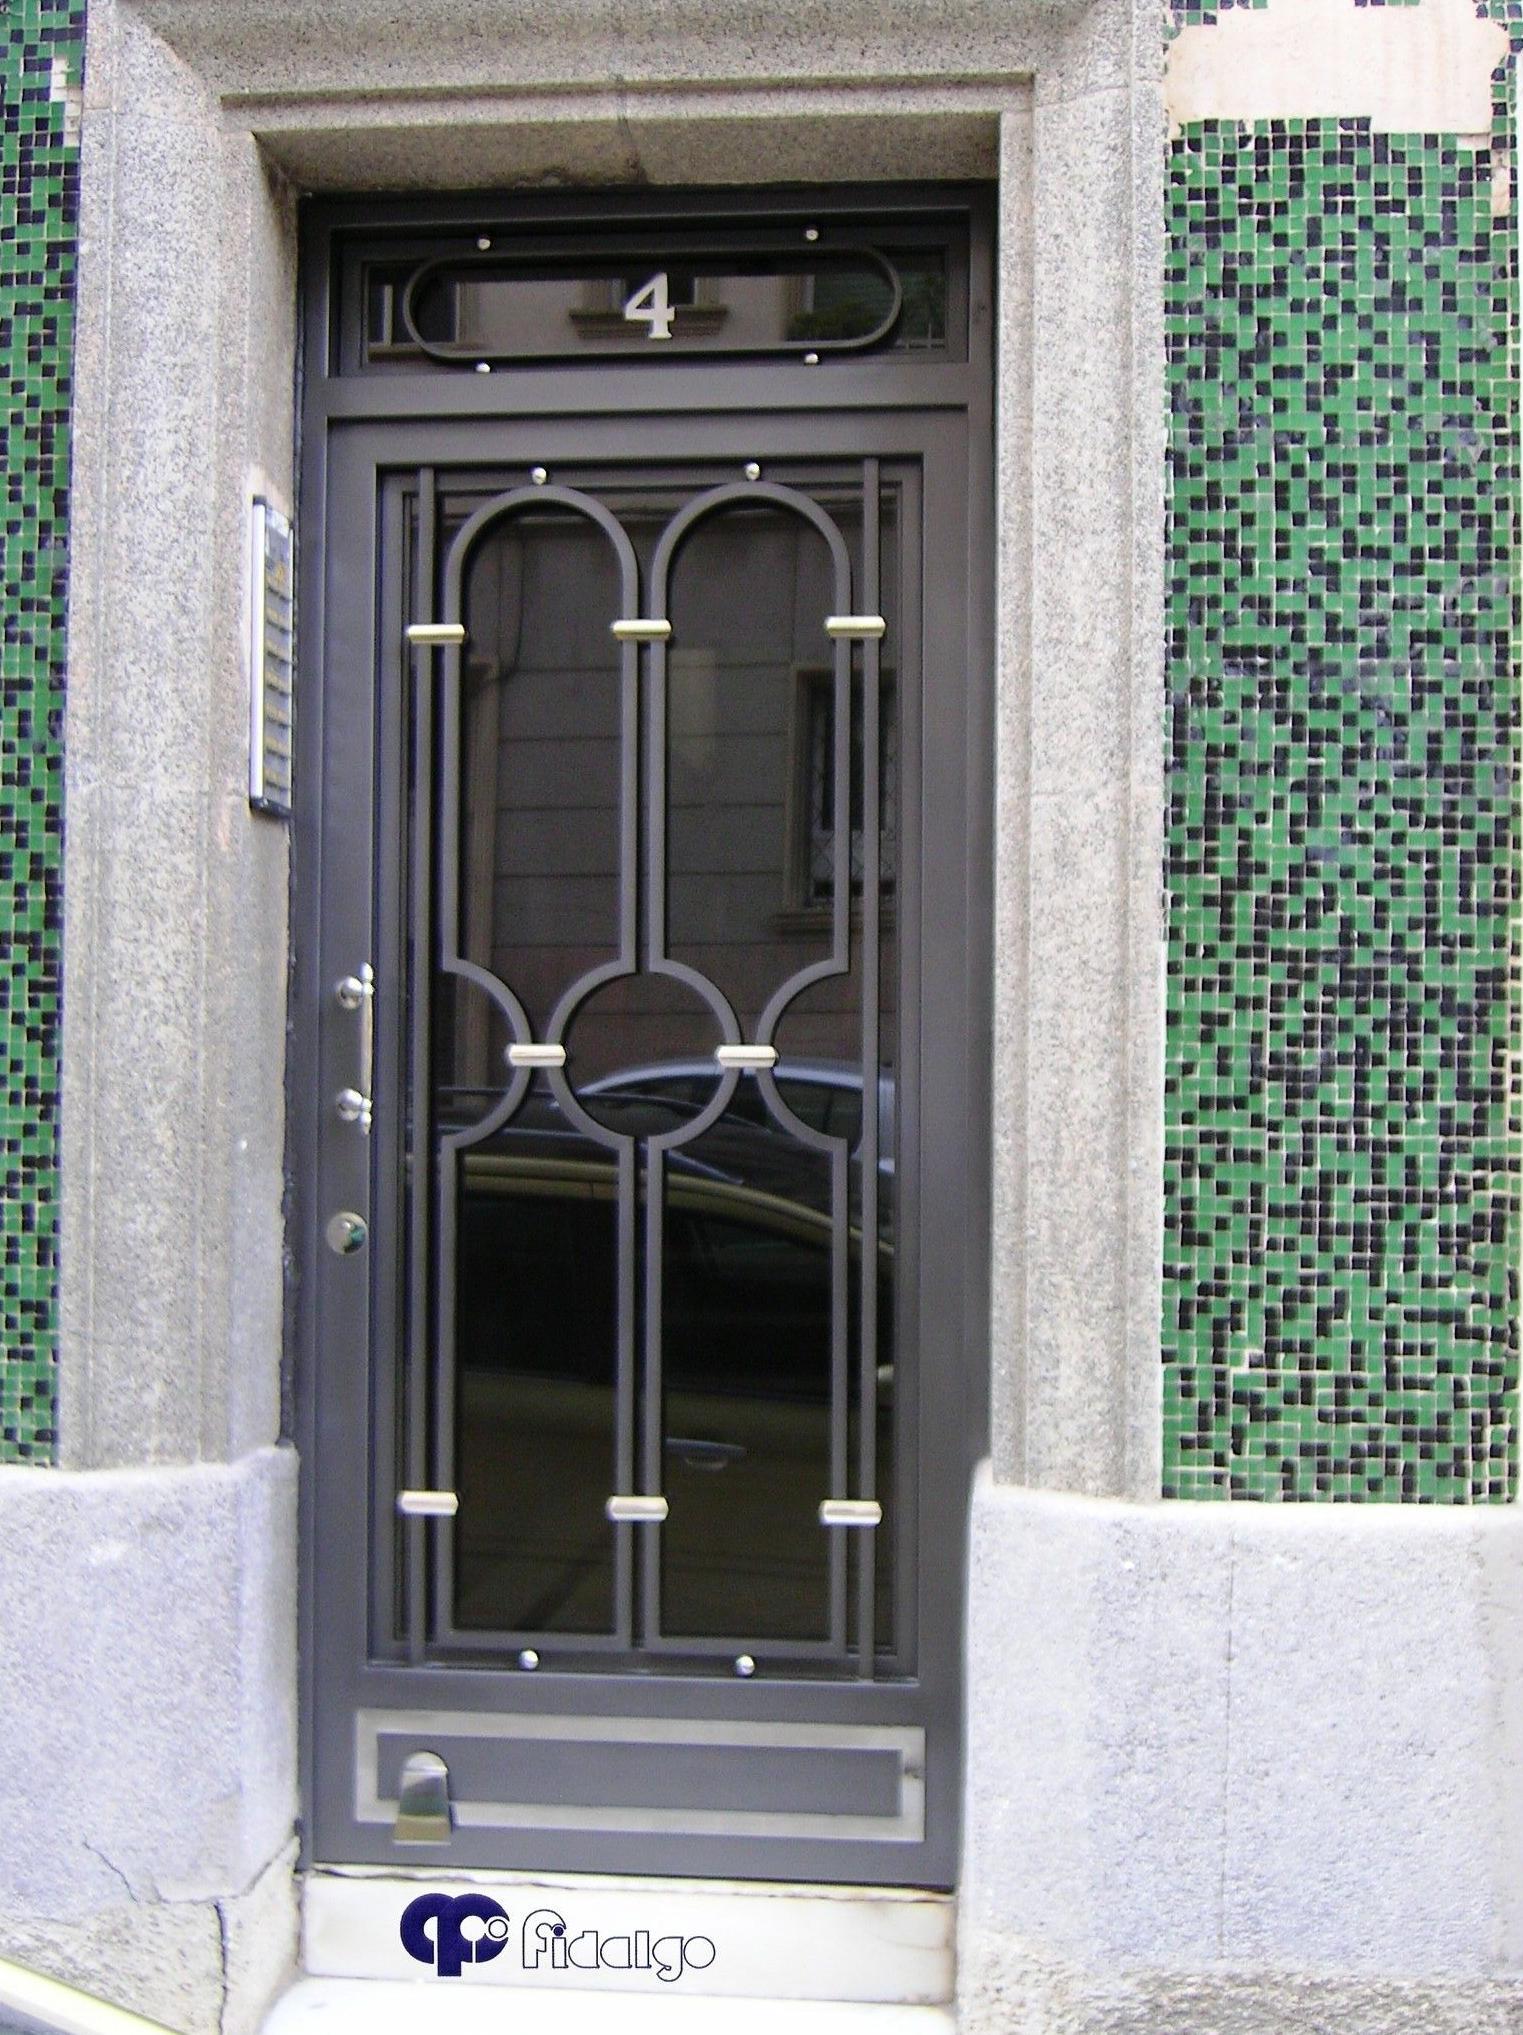 Foto 19 de cierres y puertas met licas en barcelona - Puertas de metalicas ...